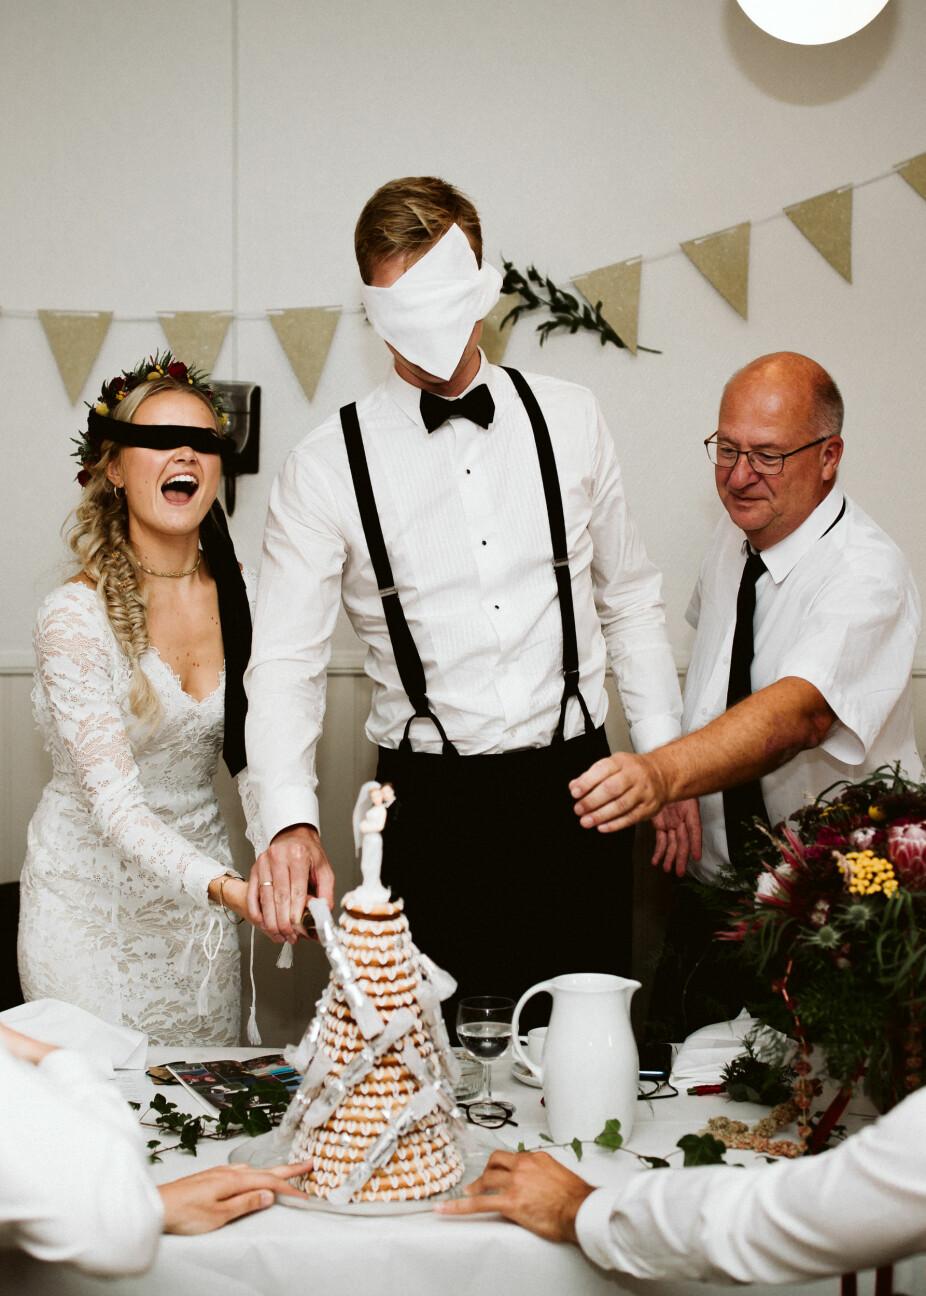 På vestlandet er tradisjonen at brudeparet skal skjære av kransekaken med bind foran øynene. Så mange ringer som skjærer av, tilsvarer antall barn brudeparet får.